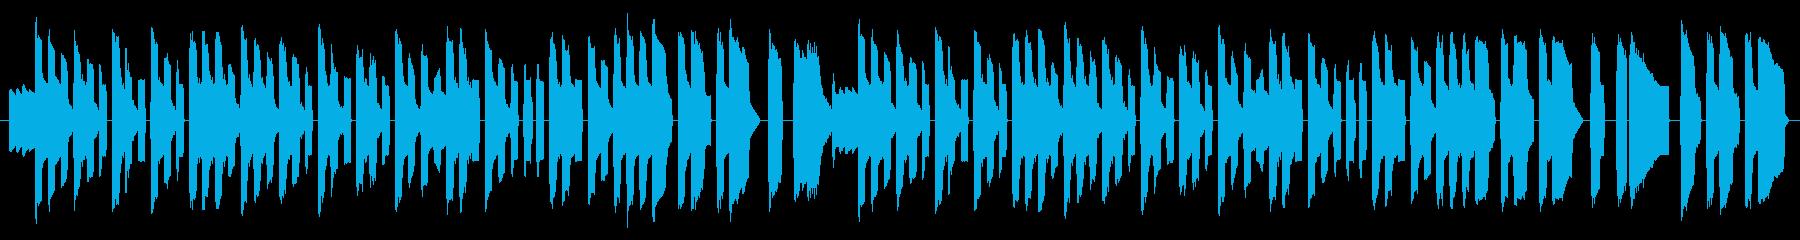 NES 汎用 C01-1(タイトル) の再生済みの波形